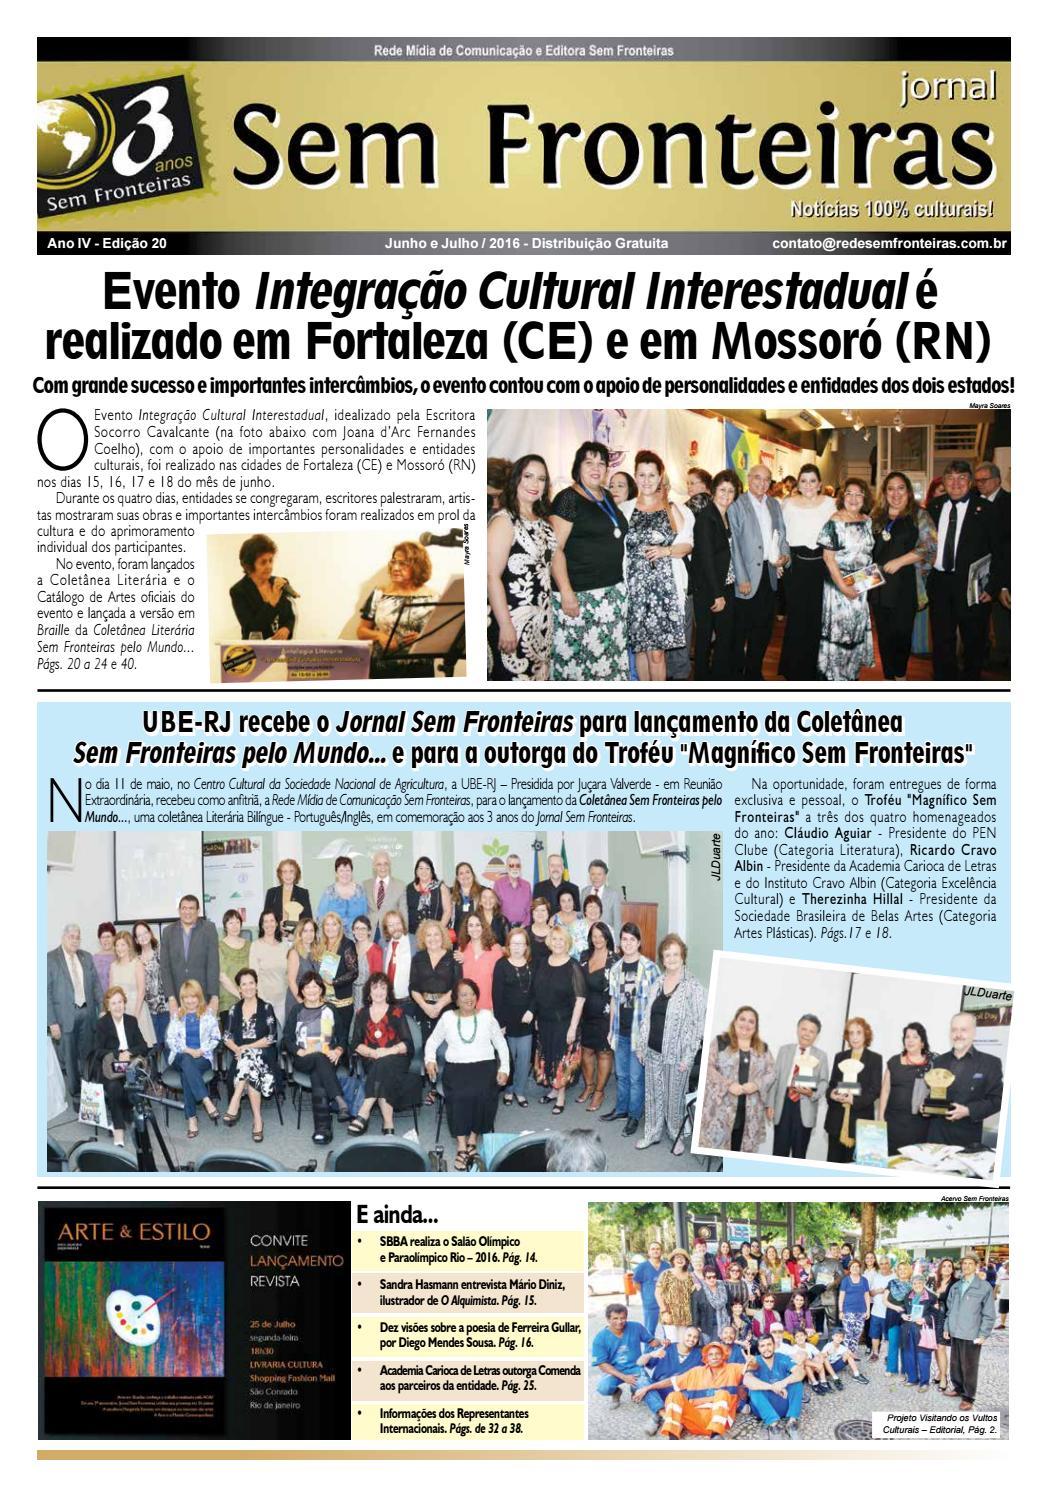 431f0a2277 Jornal Sem Fronteiras - Edição junho-julho 16 by Dyandreia Portugal - issuu